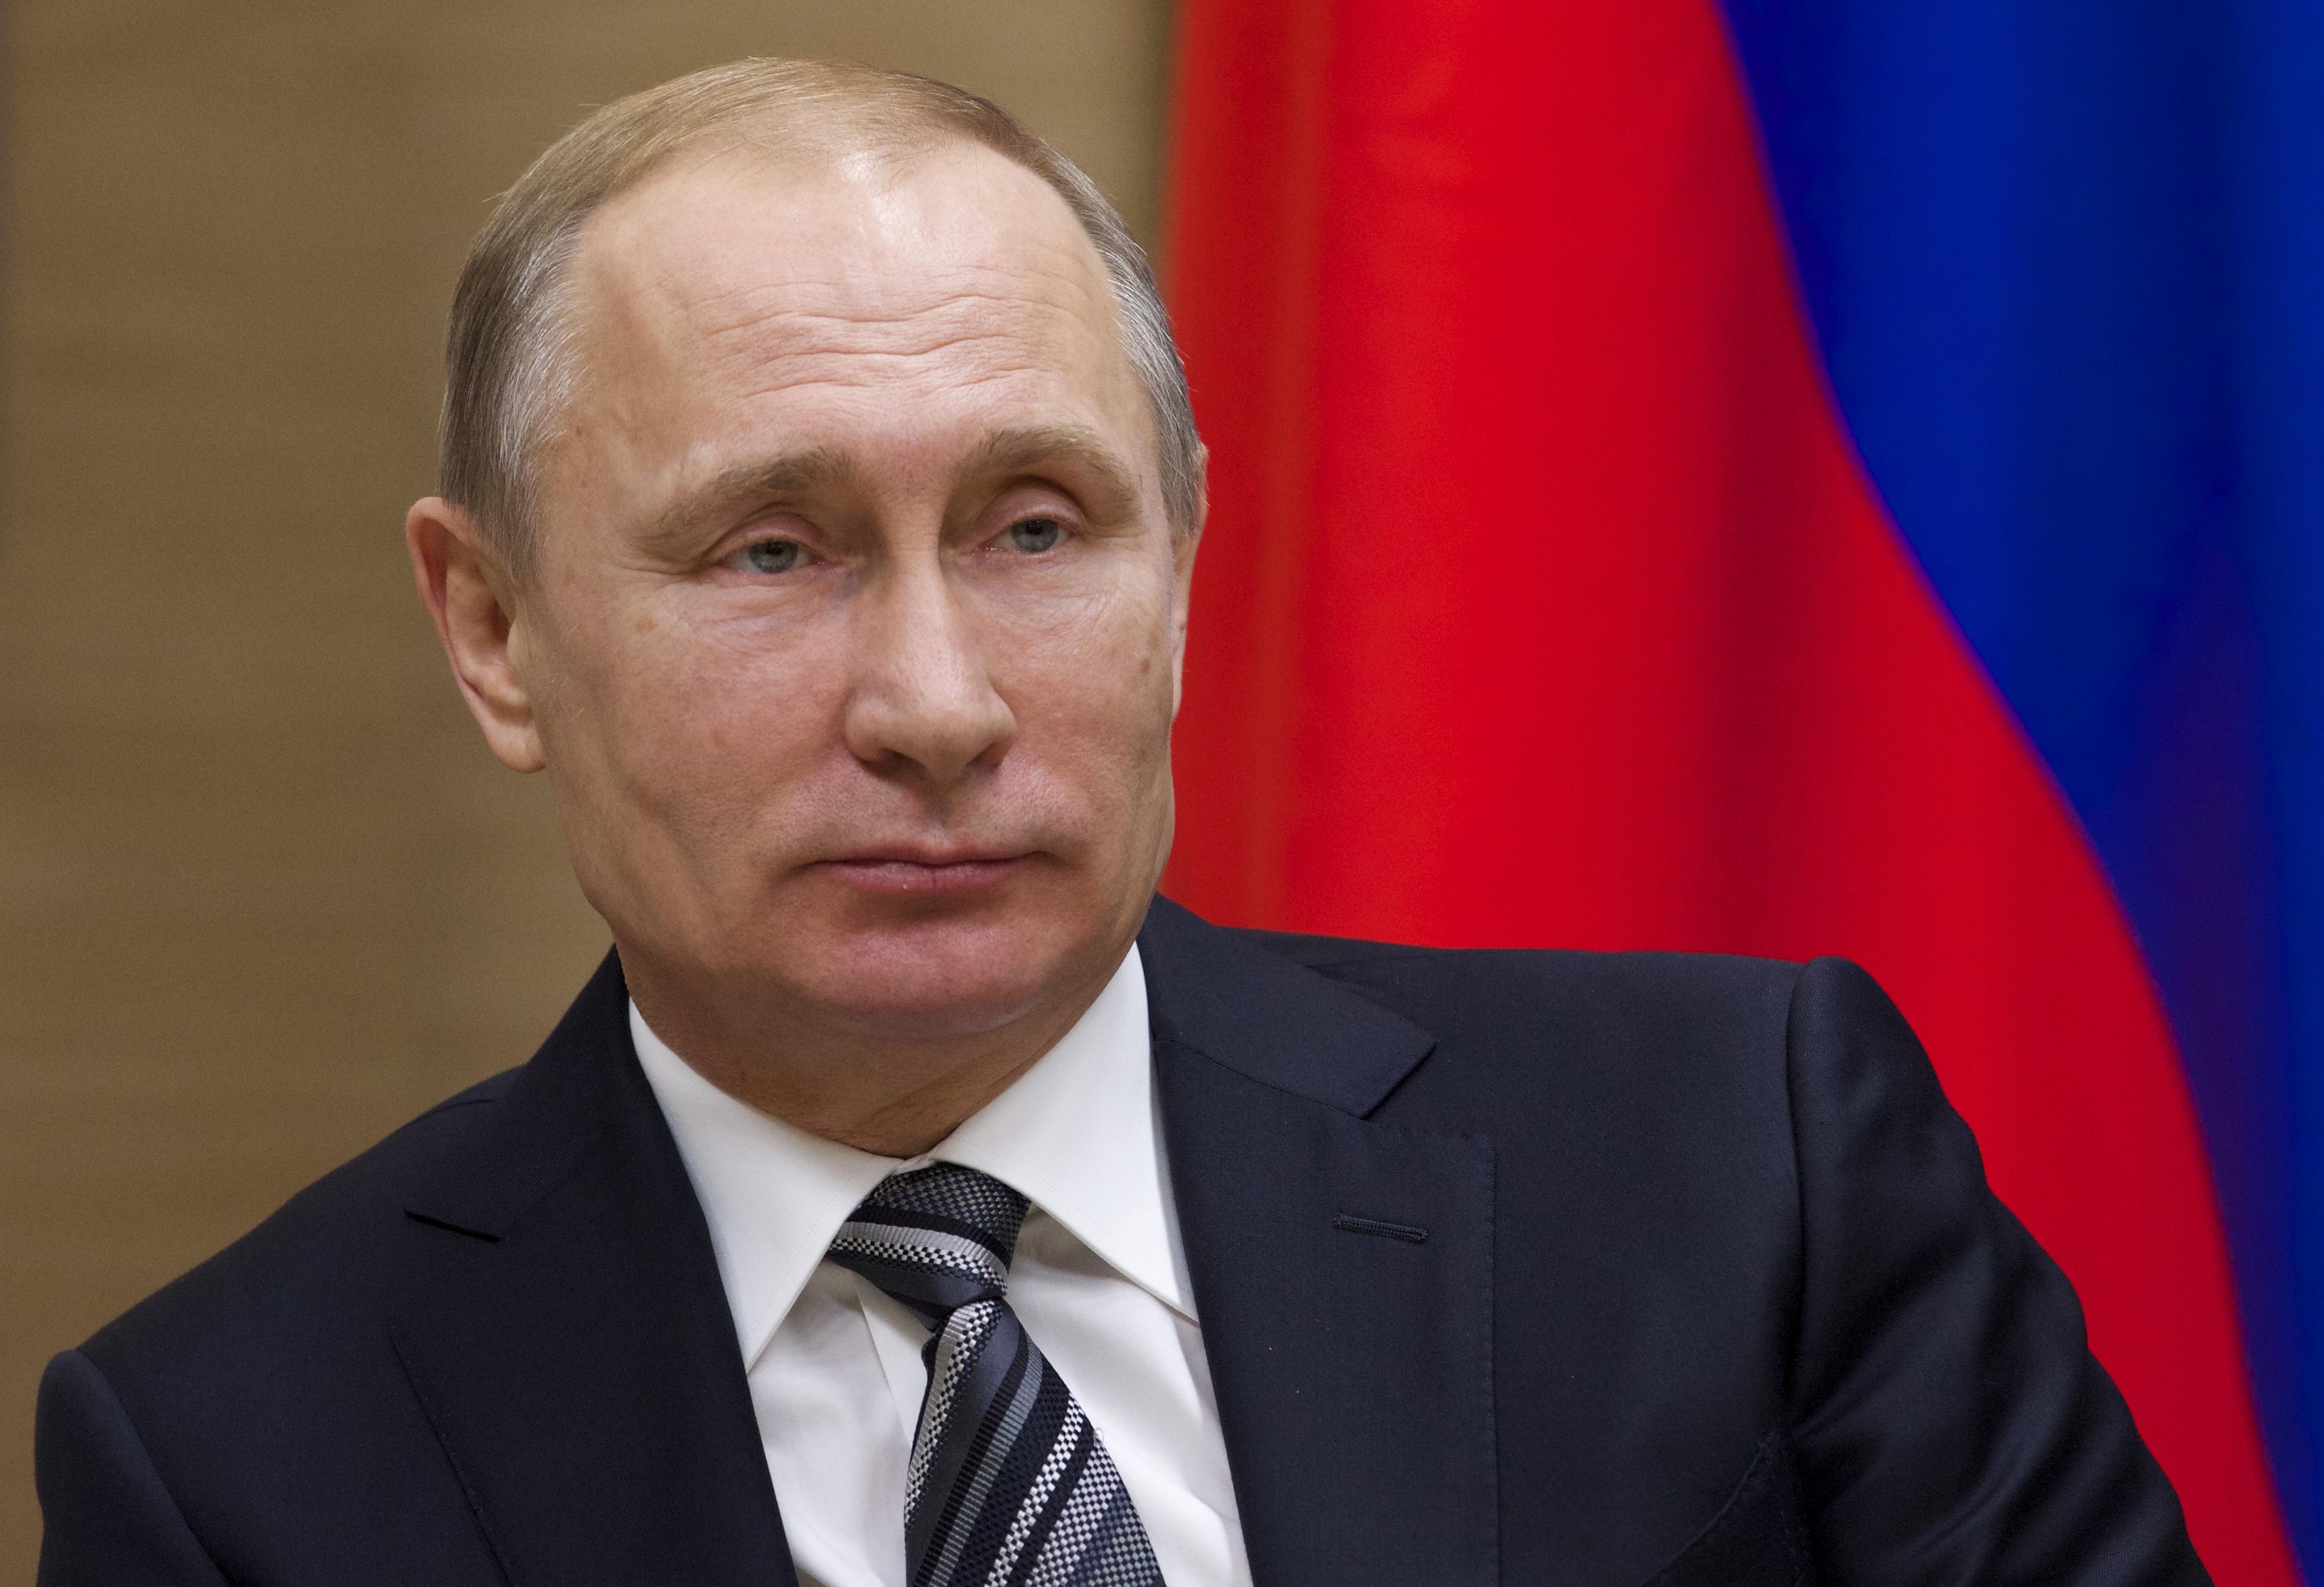 Sigur-de-victoria-în-alegerile-prezidențiale-liderul-de-la-Kremlin-Vladimir-Putin-este-plictisit-de-campania-electorală-inexistentă-din-Federația-Rusă